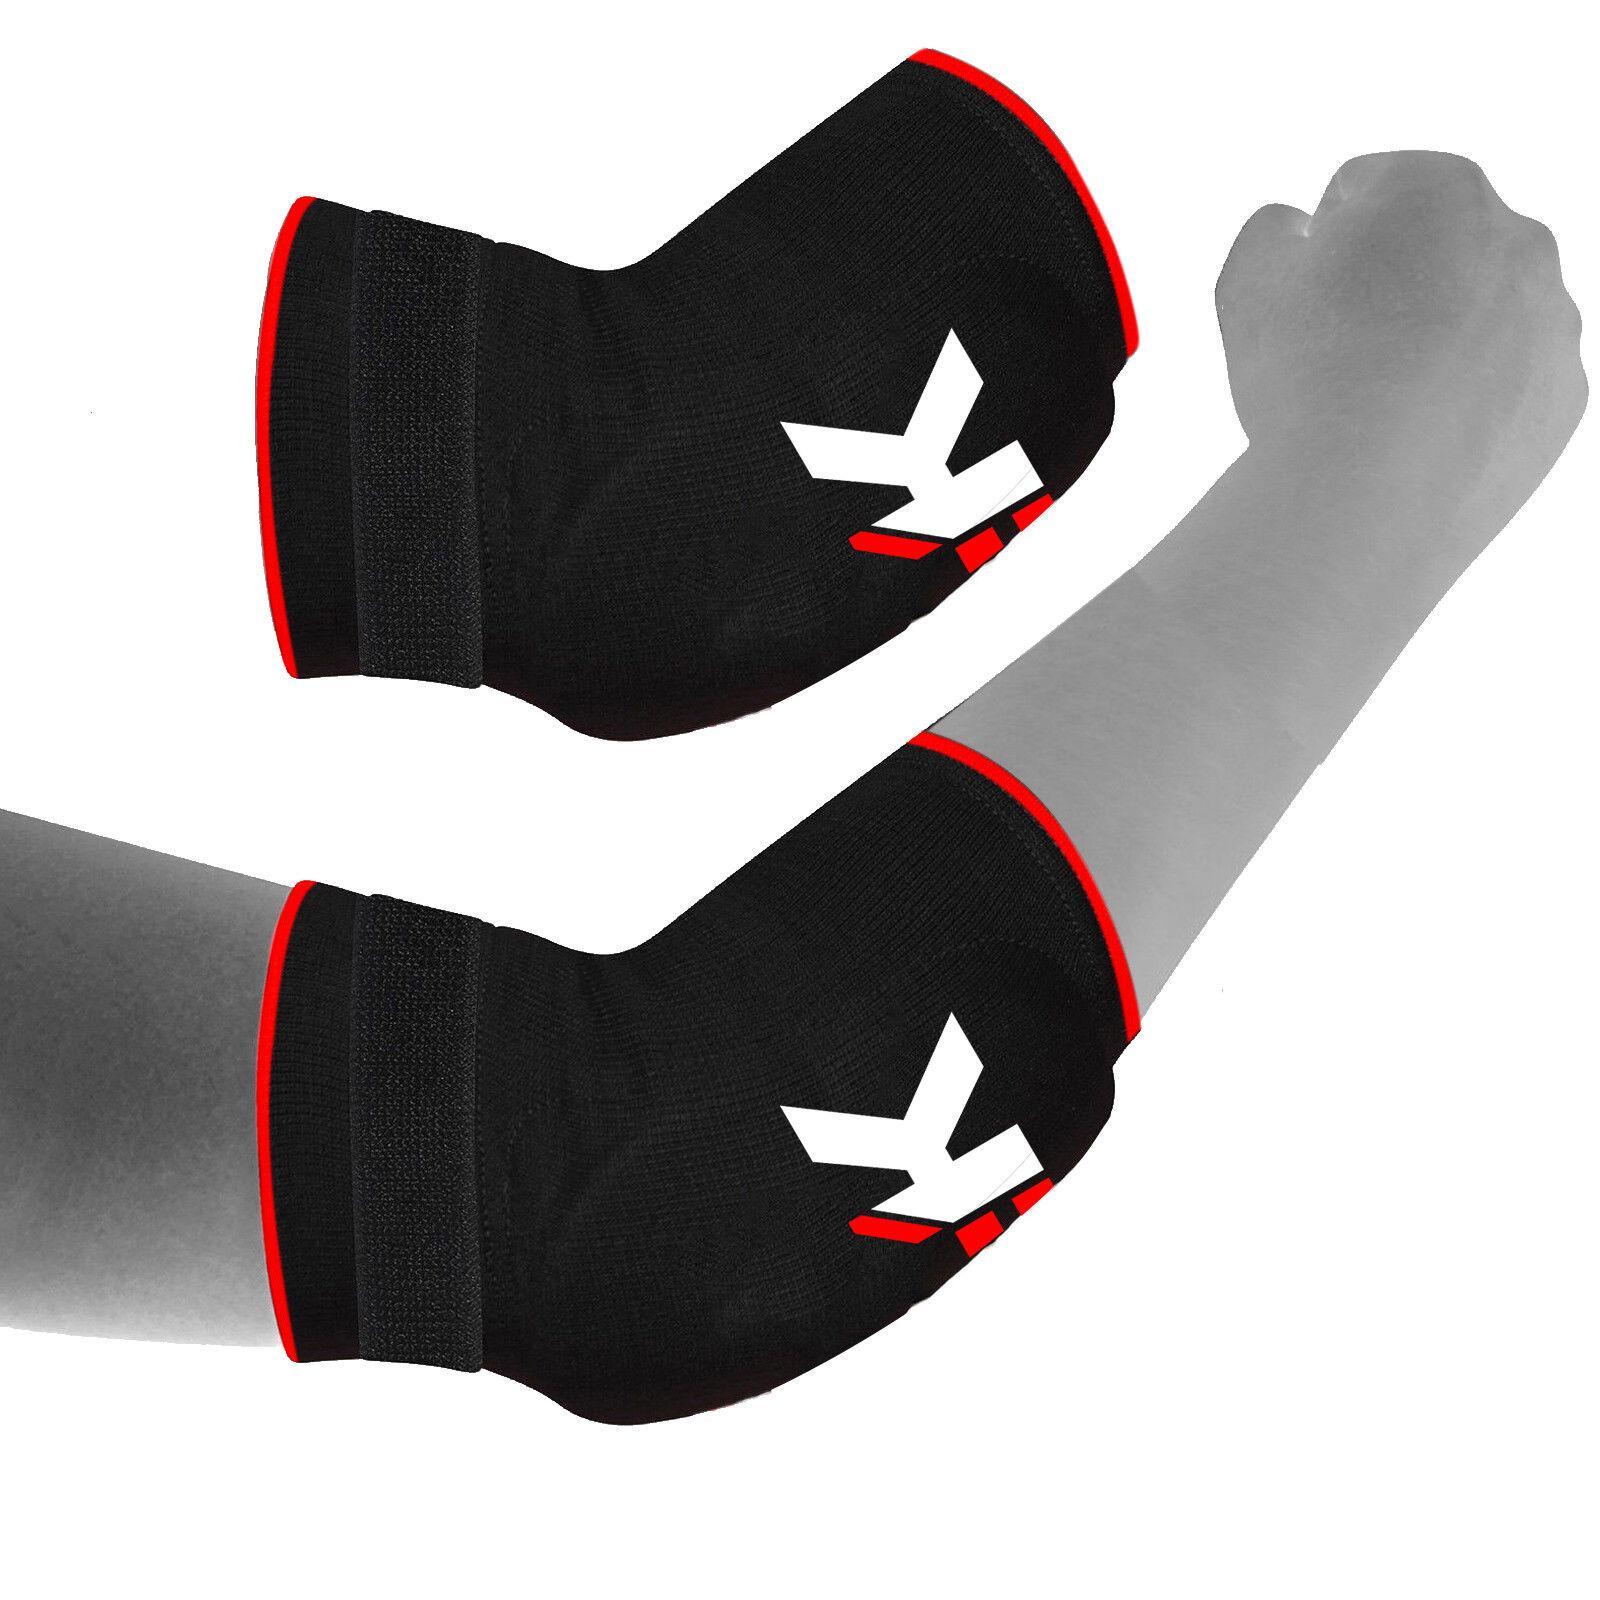 Ellenbogenschutz Tragarm Schutz Mma Gym Kick Thai Boxen Kampfsport Injury Pain